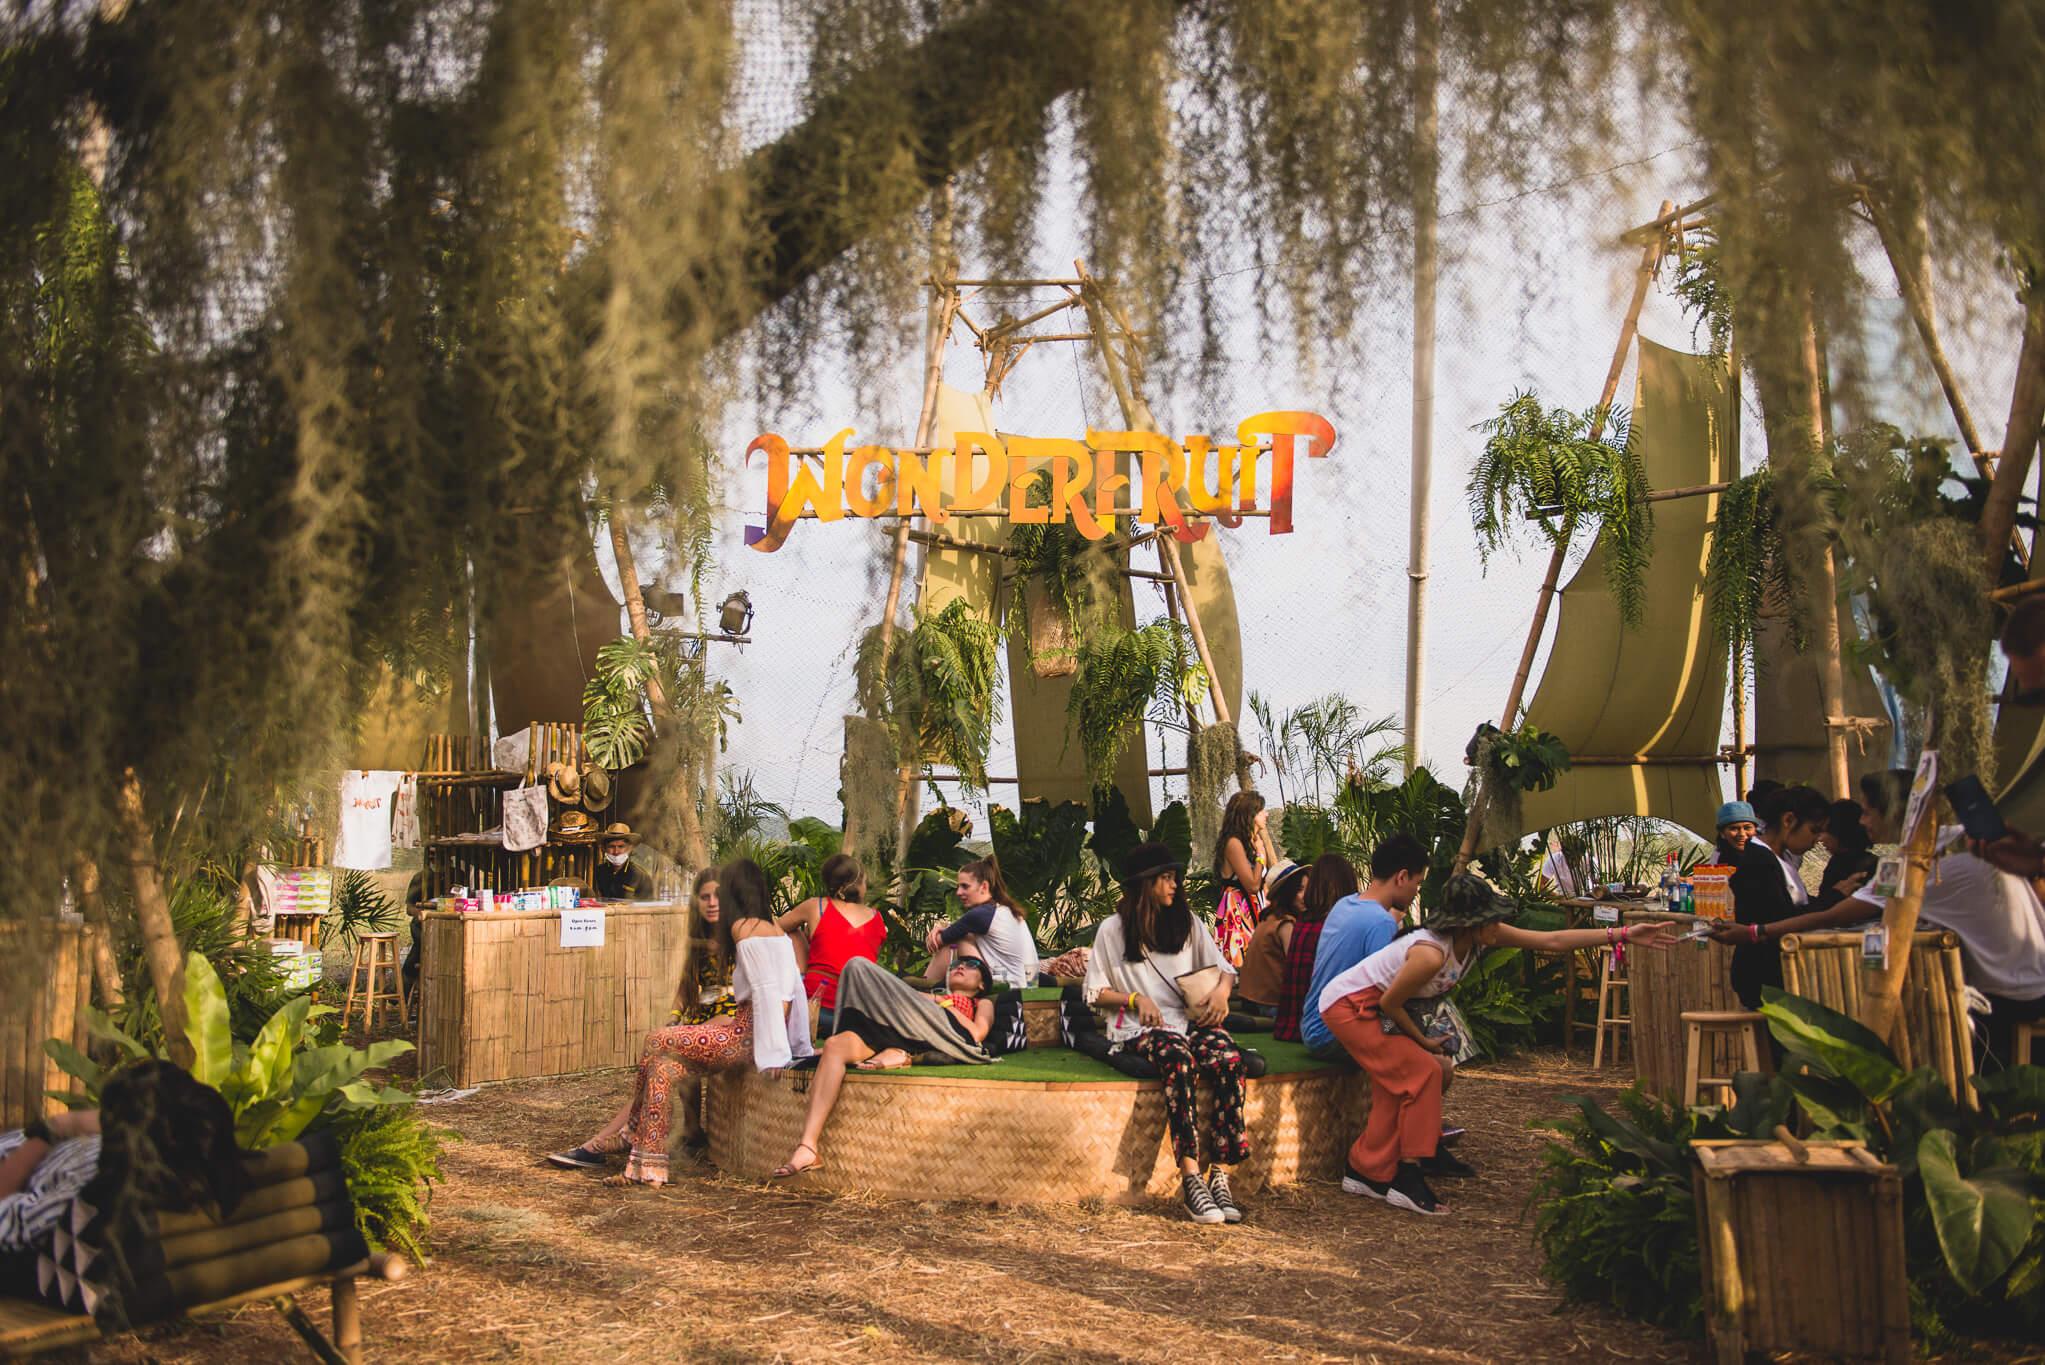 Wonderfruit Festival!